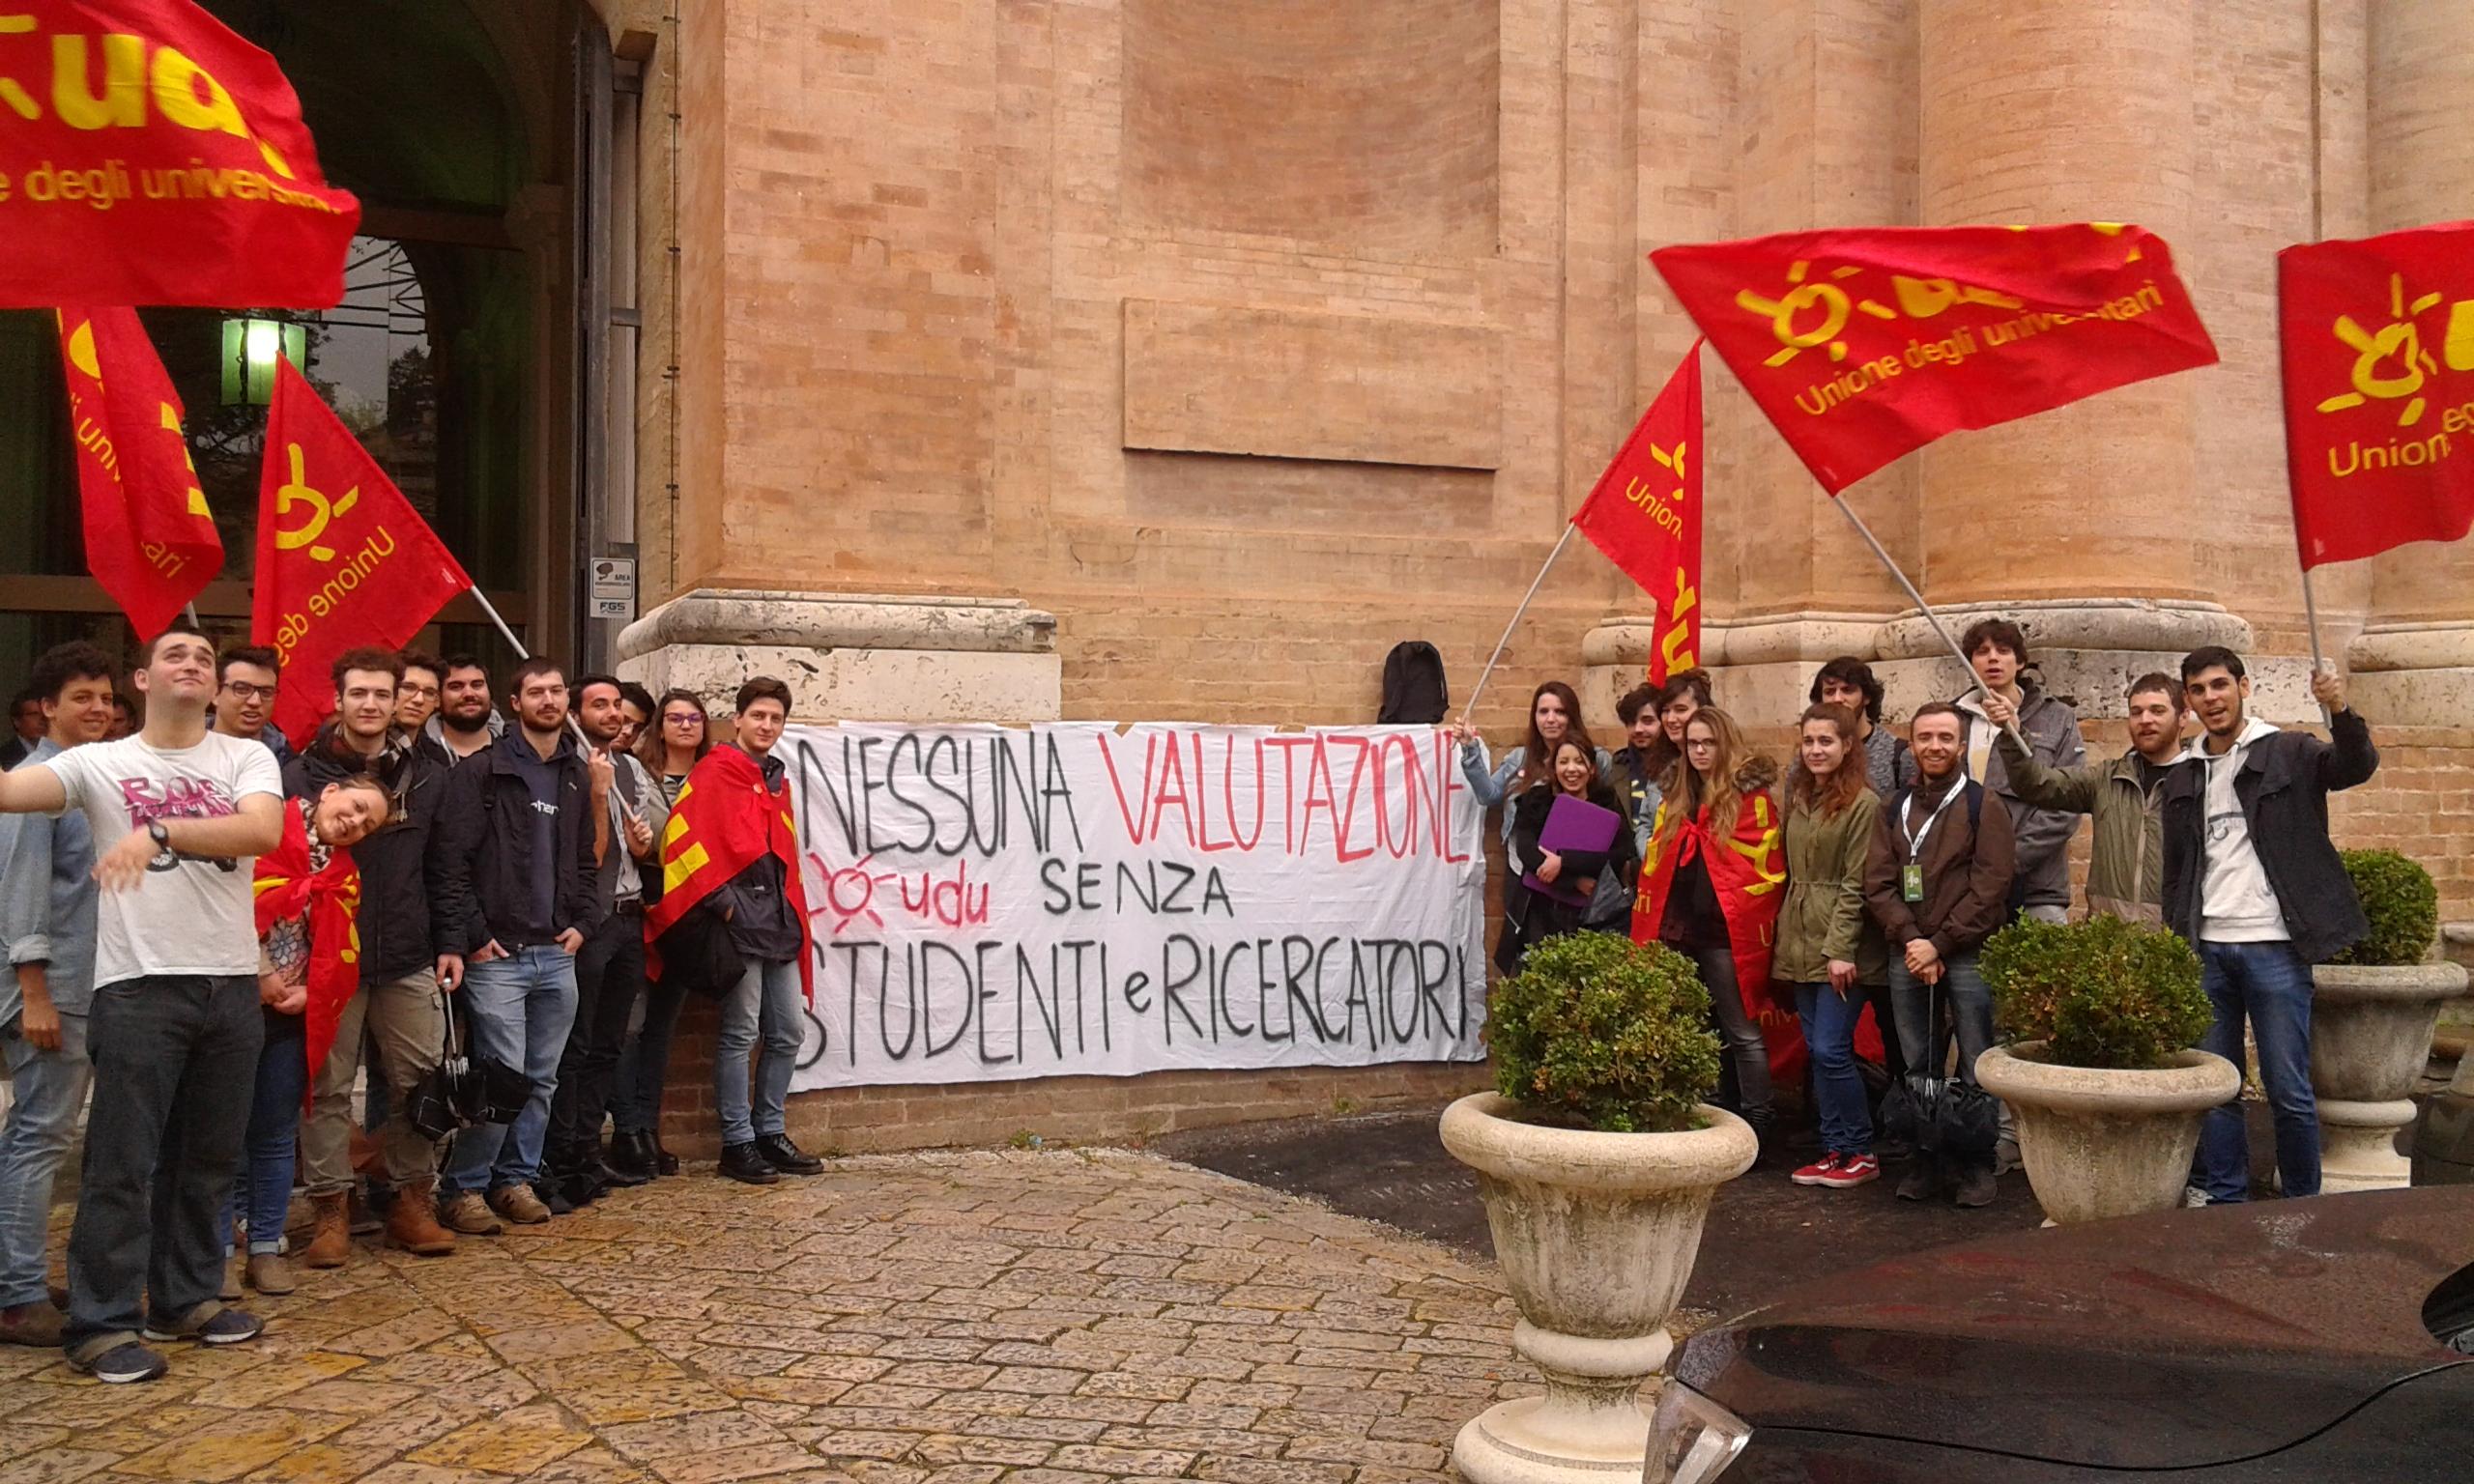 PRESIDIO A PERUGIA PER CONVEGNO ANVUR SU NUOVA AVA / SENZA STUDENTI NON PUO' ESSERCI BUONA VALUTAZIONE